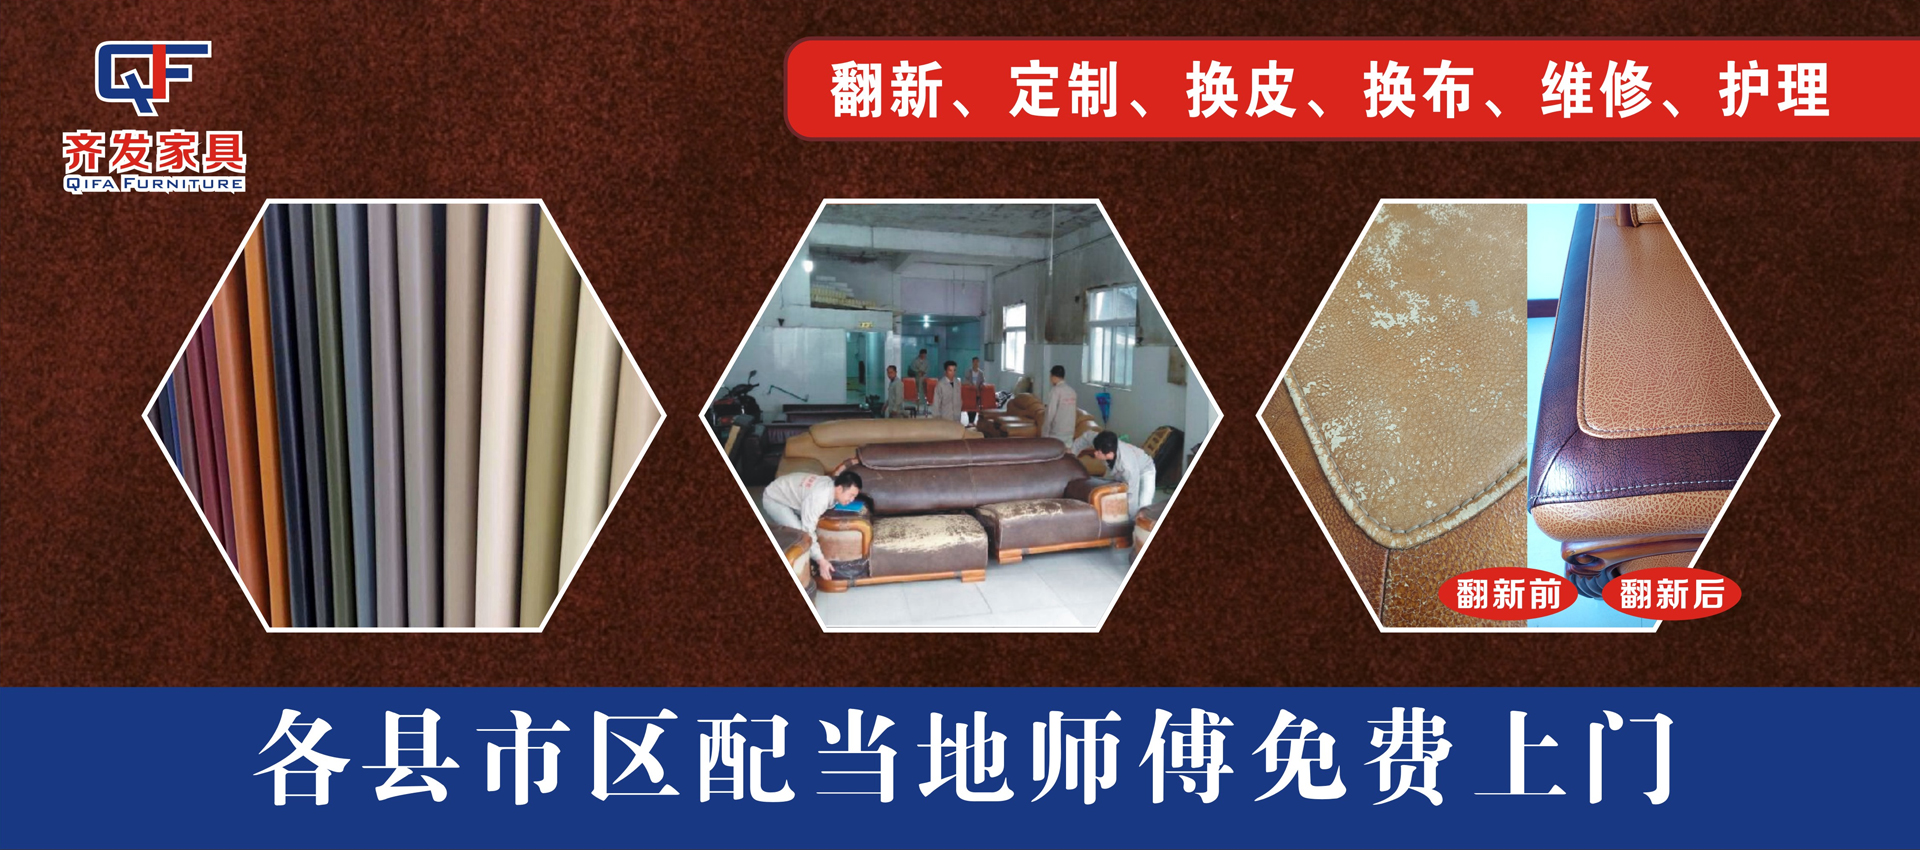 杭州沙发翻新